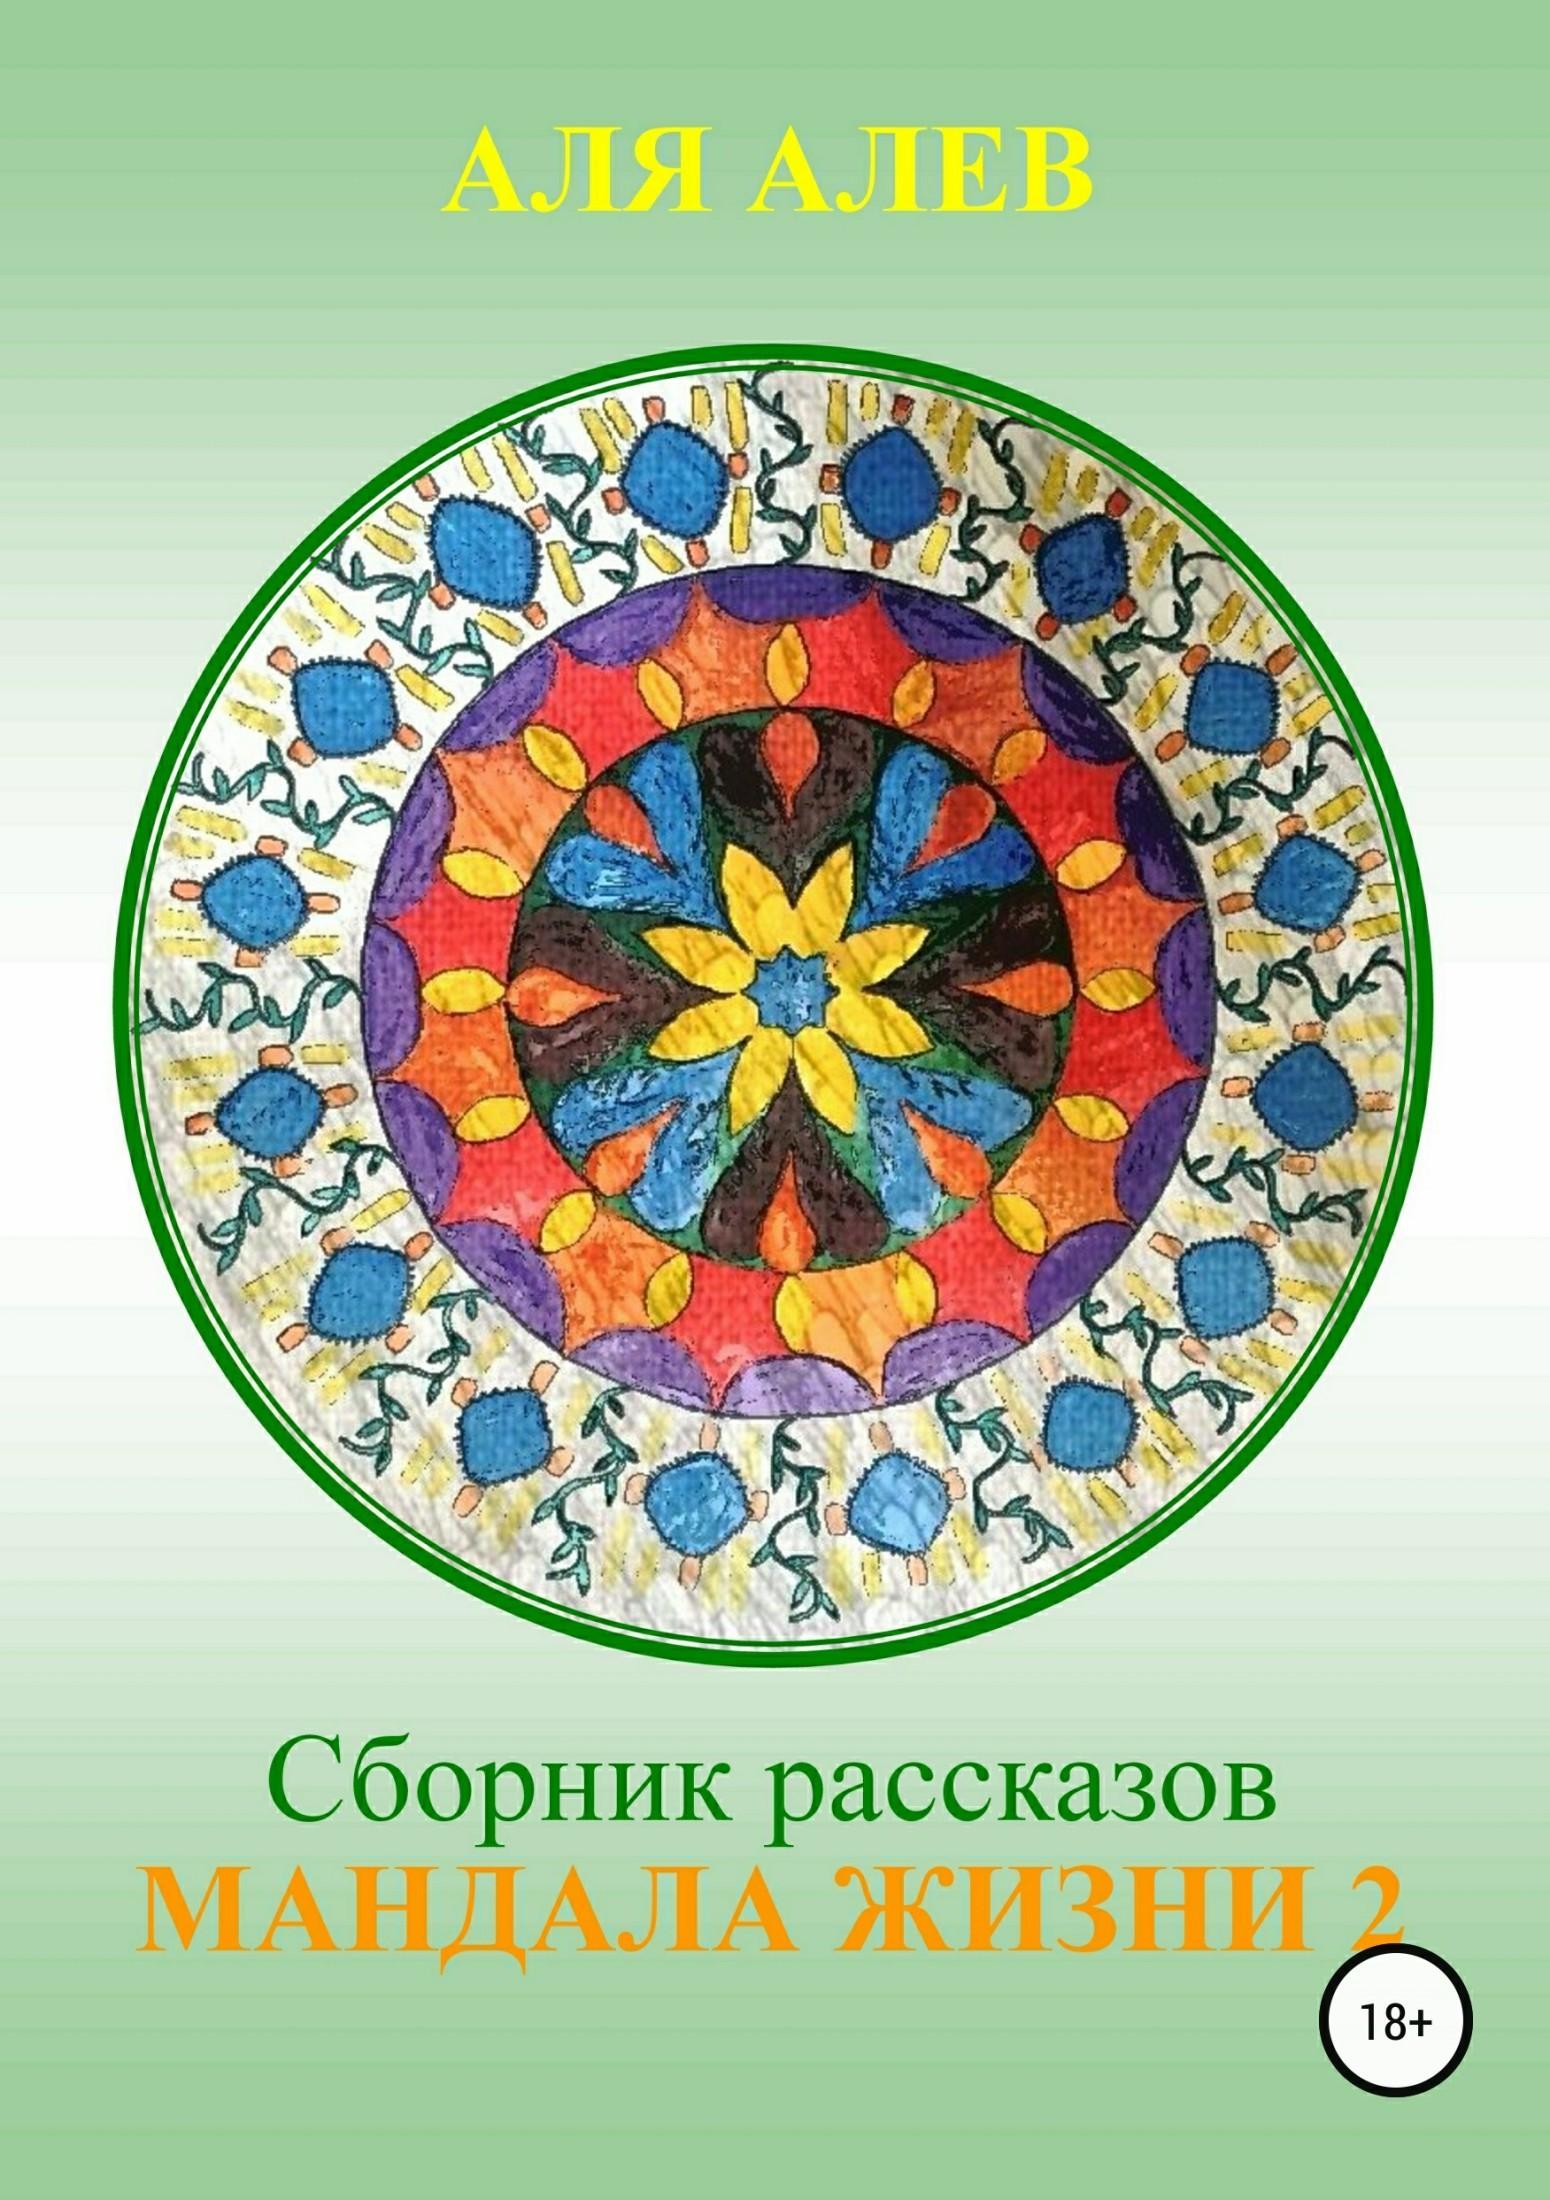 Аля Алев - Мандала жизни 2. Сборник рассказов